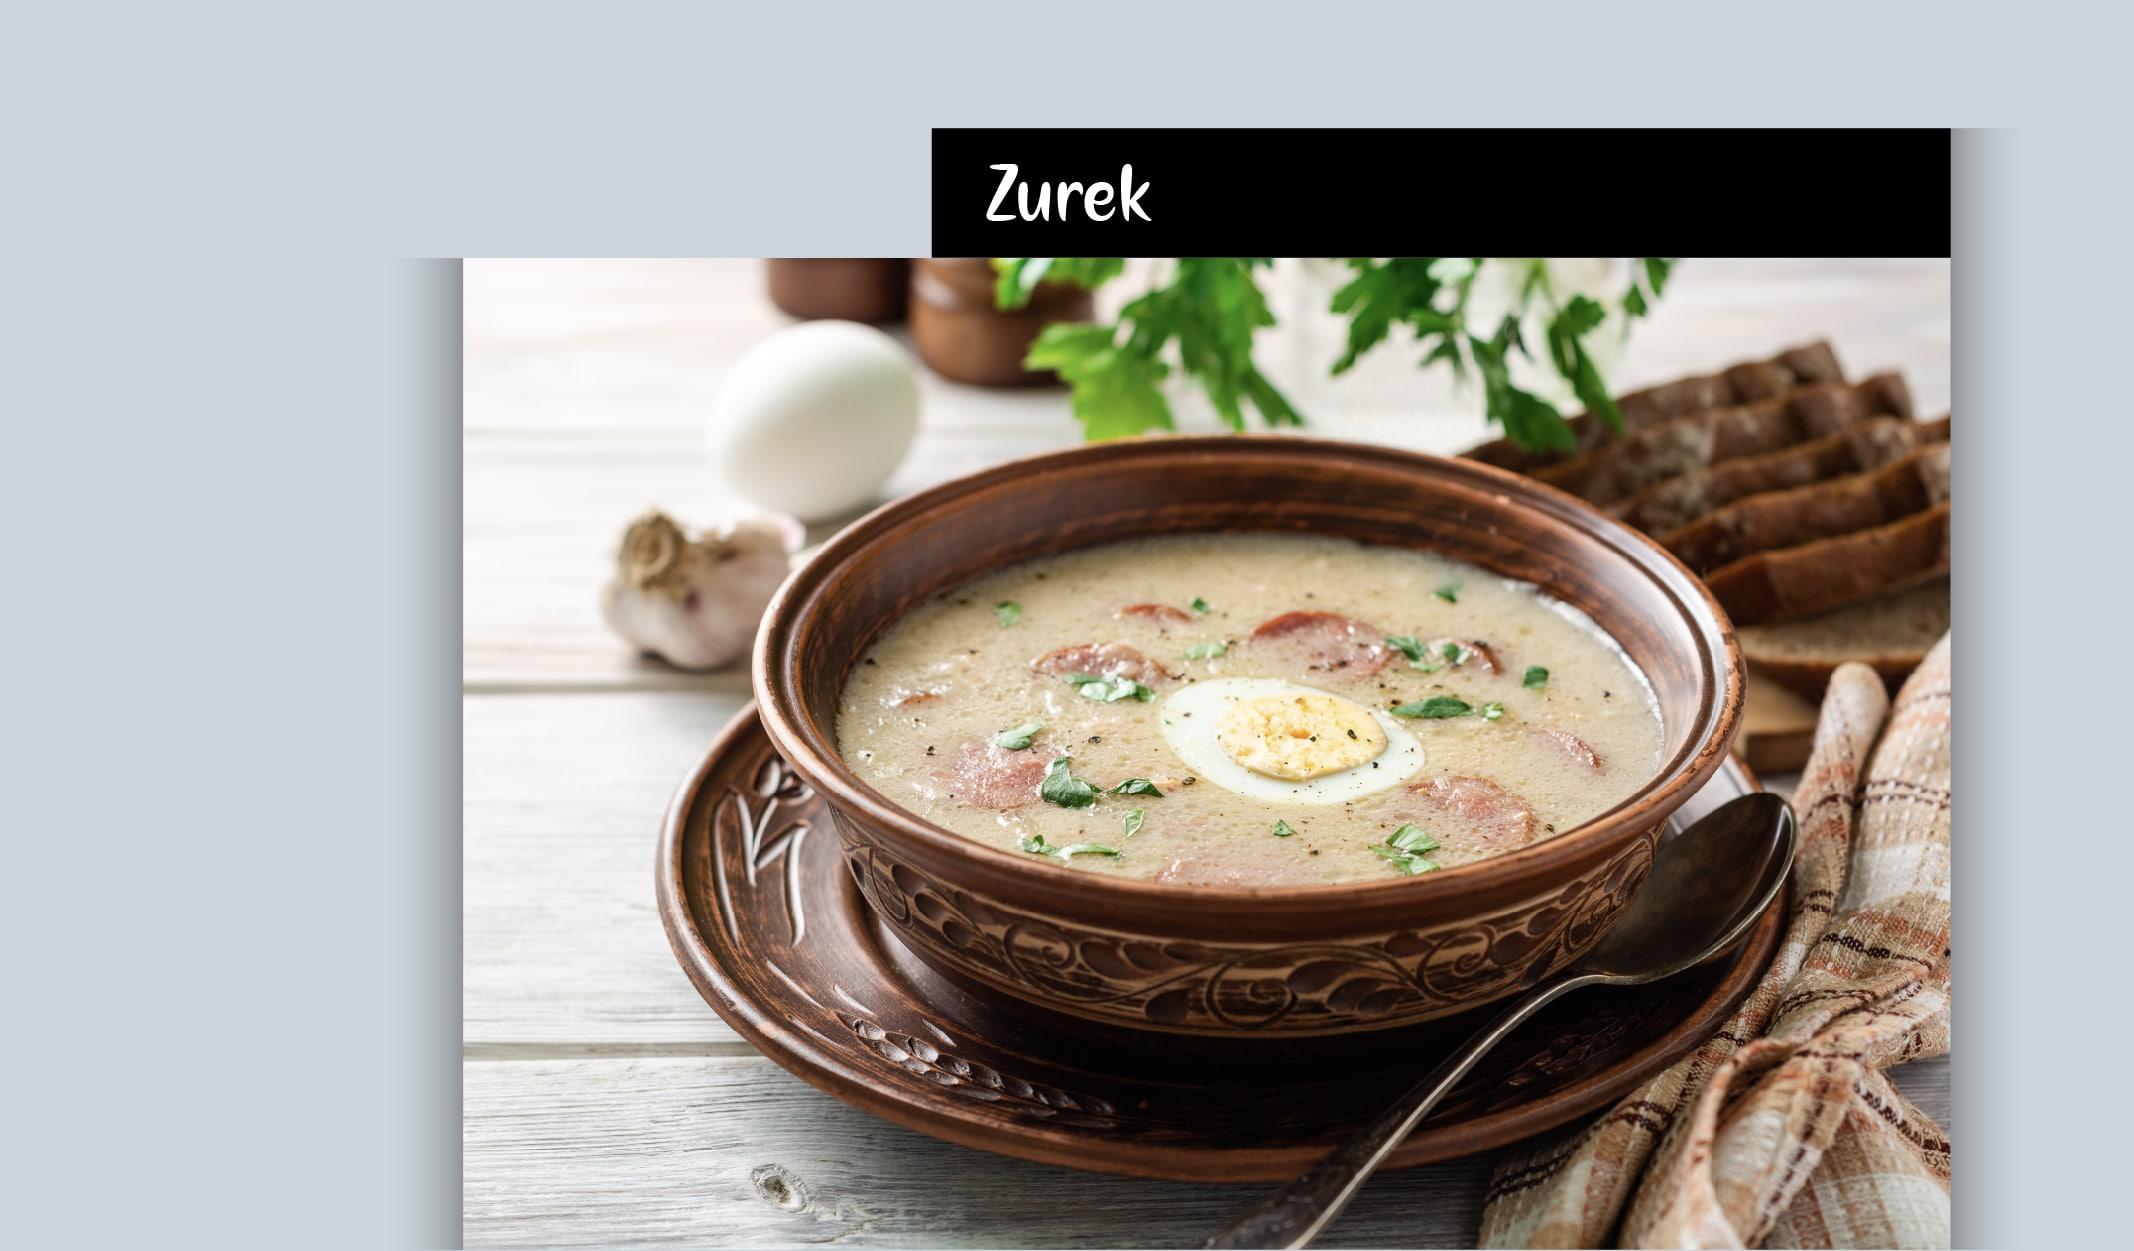 dünya mutfağı